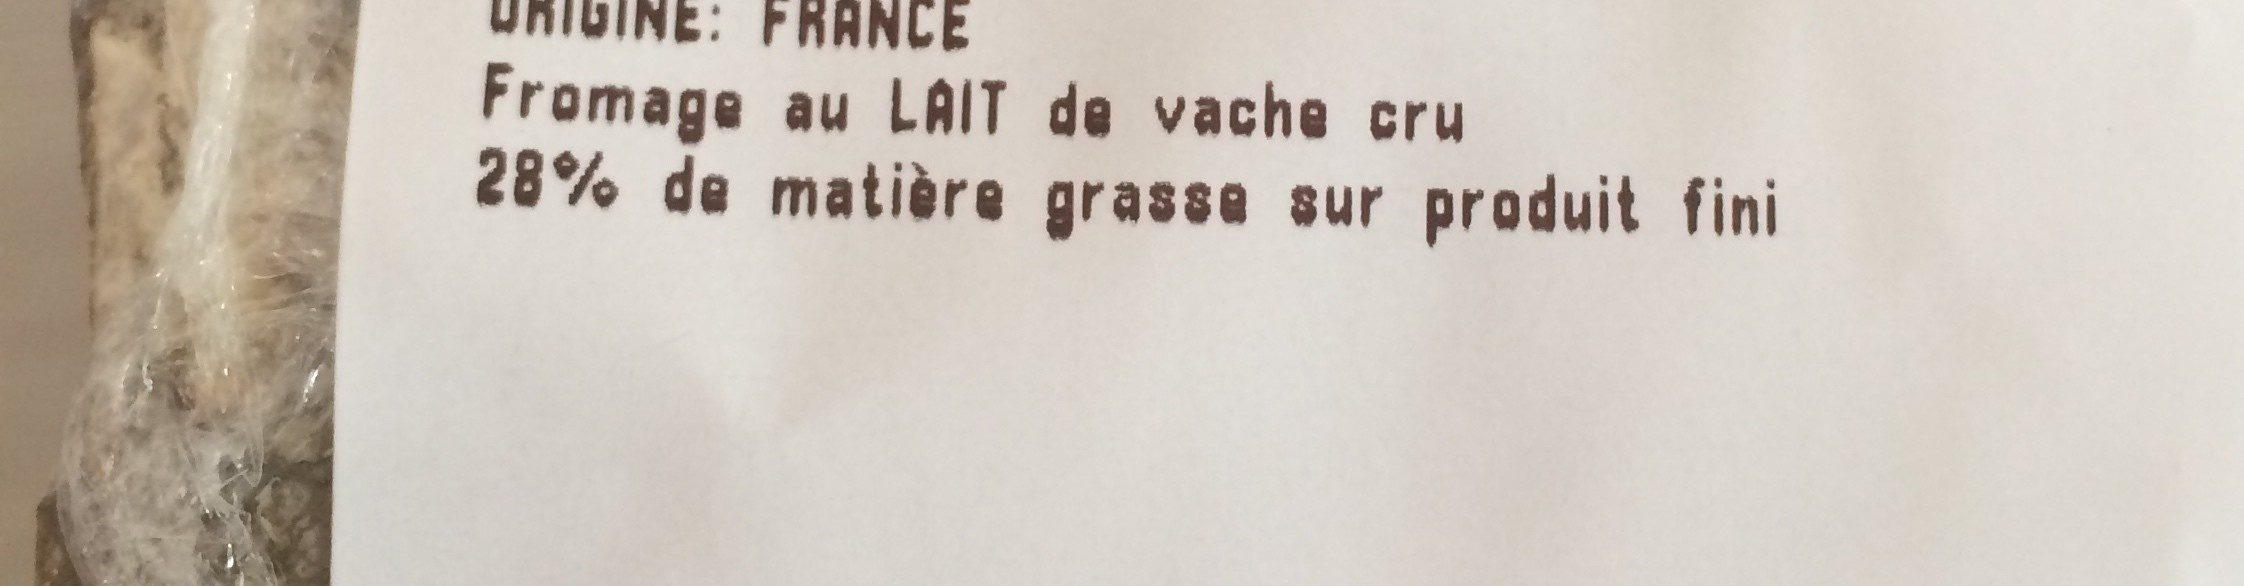 Tommette de yenne - Ingrediënten - fr